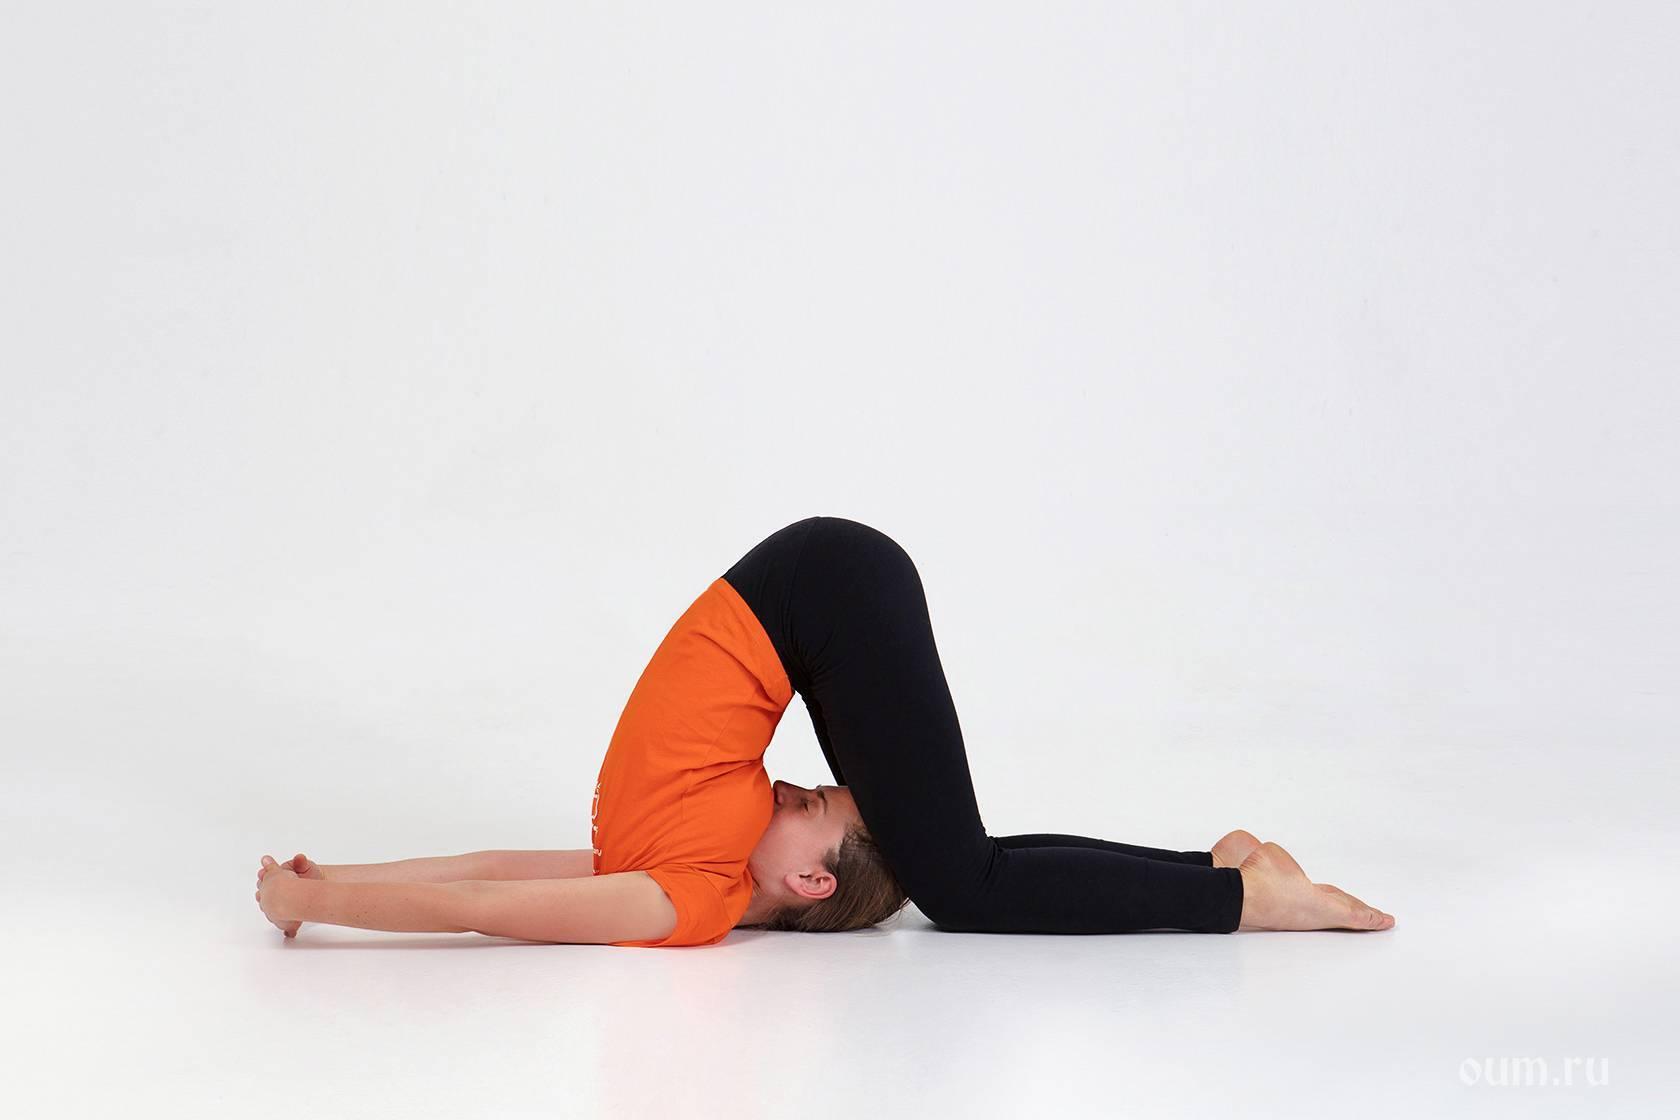 Халасана или поза плуга в йоге: техника выполнения, польза, противопоказания